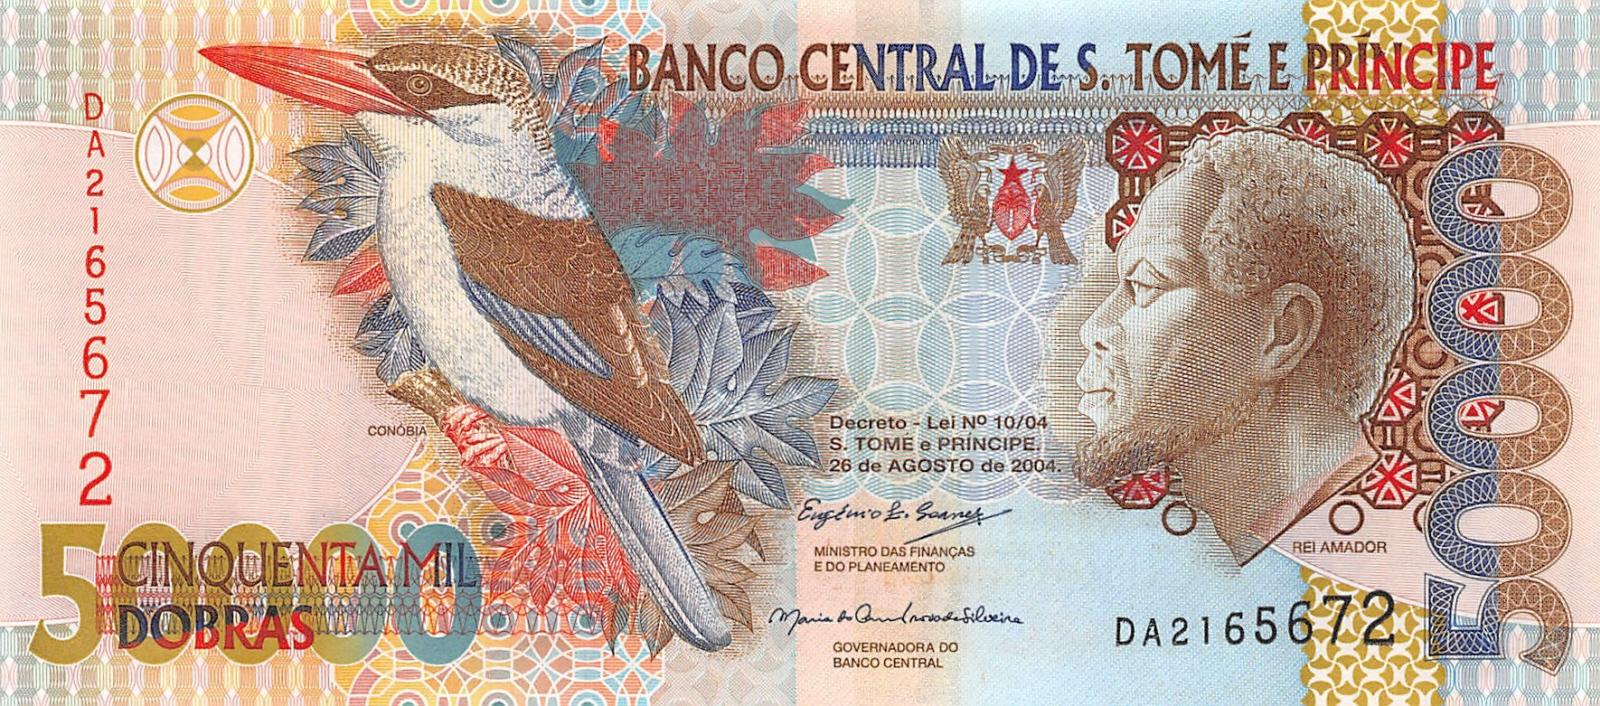 Dobras  p-68d 2010 UNC Saint Thomas /& Prince Sao Tomé e Principe 50000 50,000